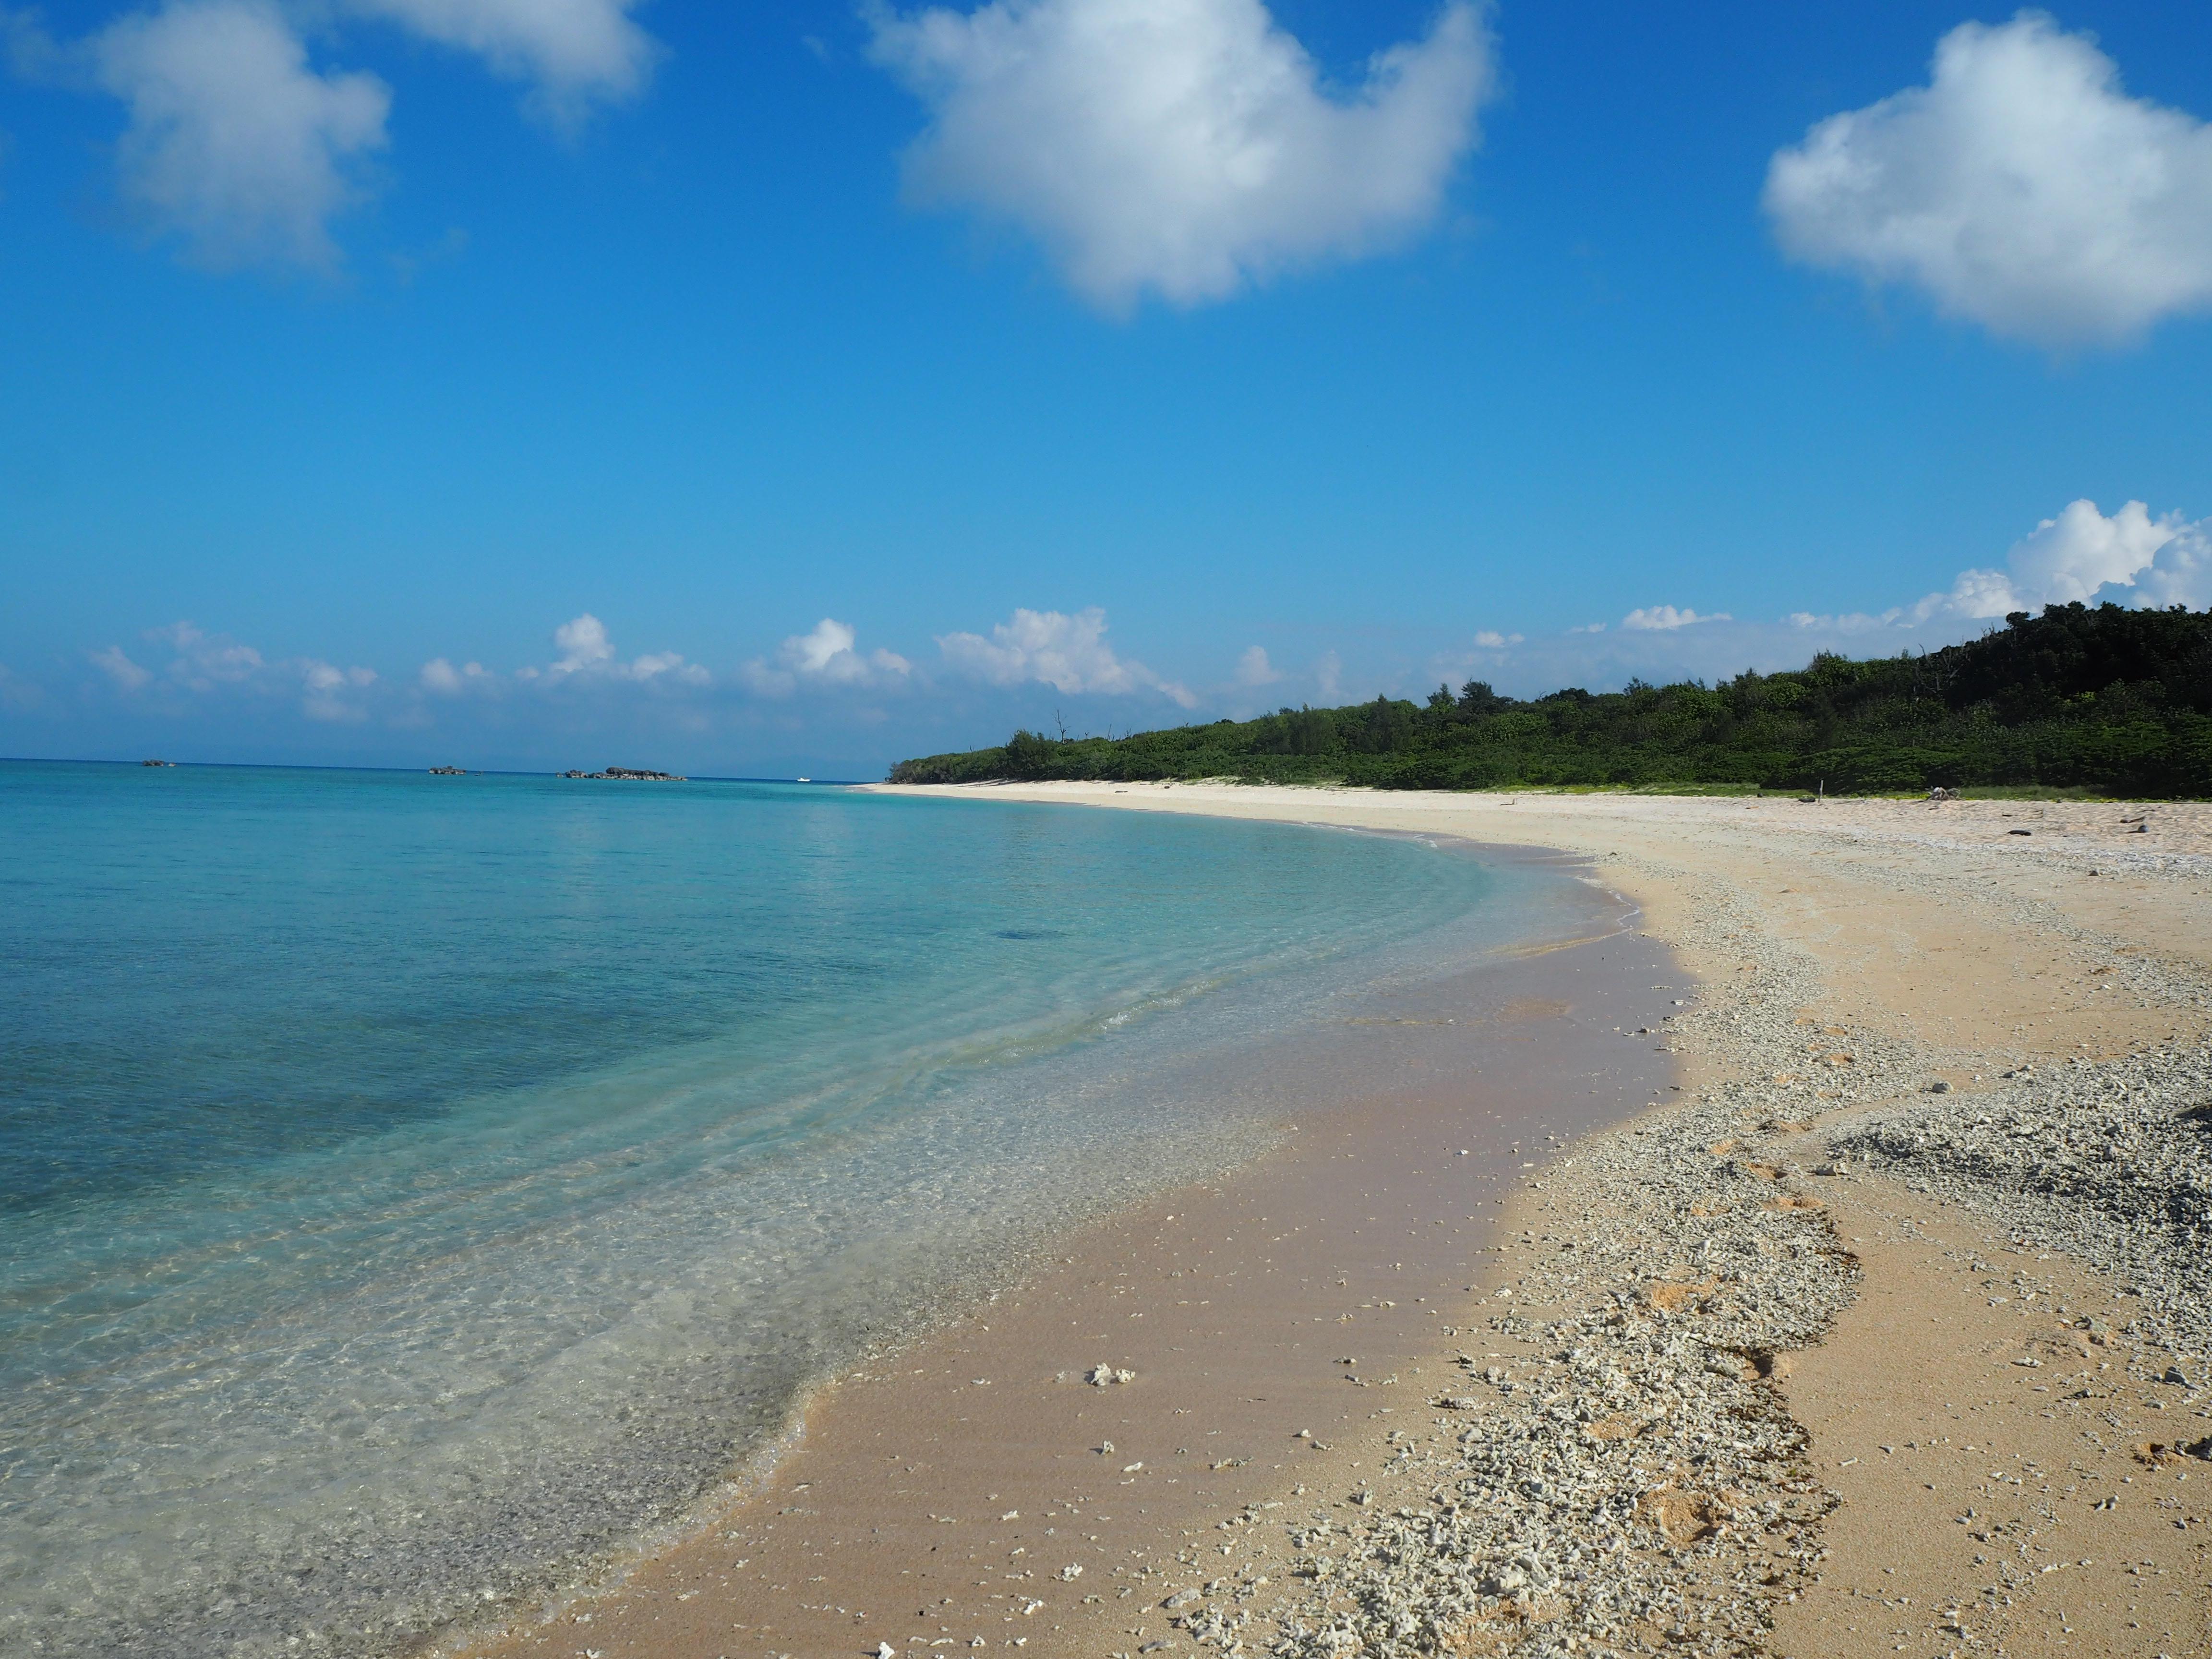 南側からペー浜を望む。砂浜のサンゴのかけらが印象的だ